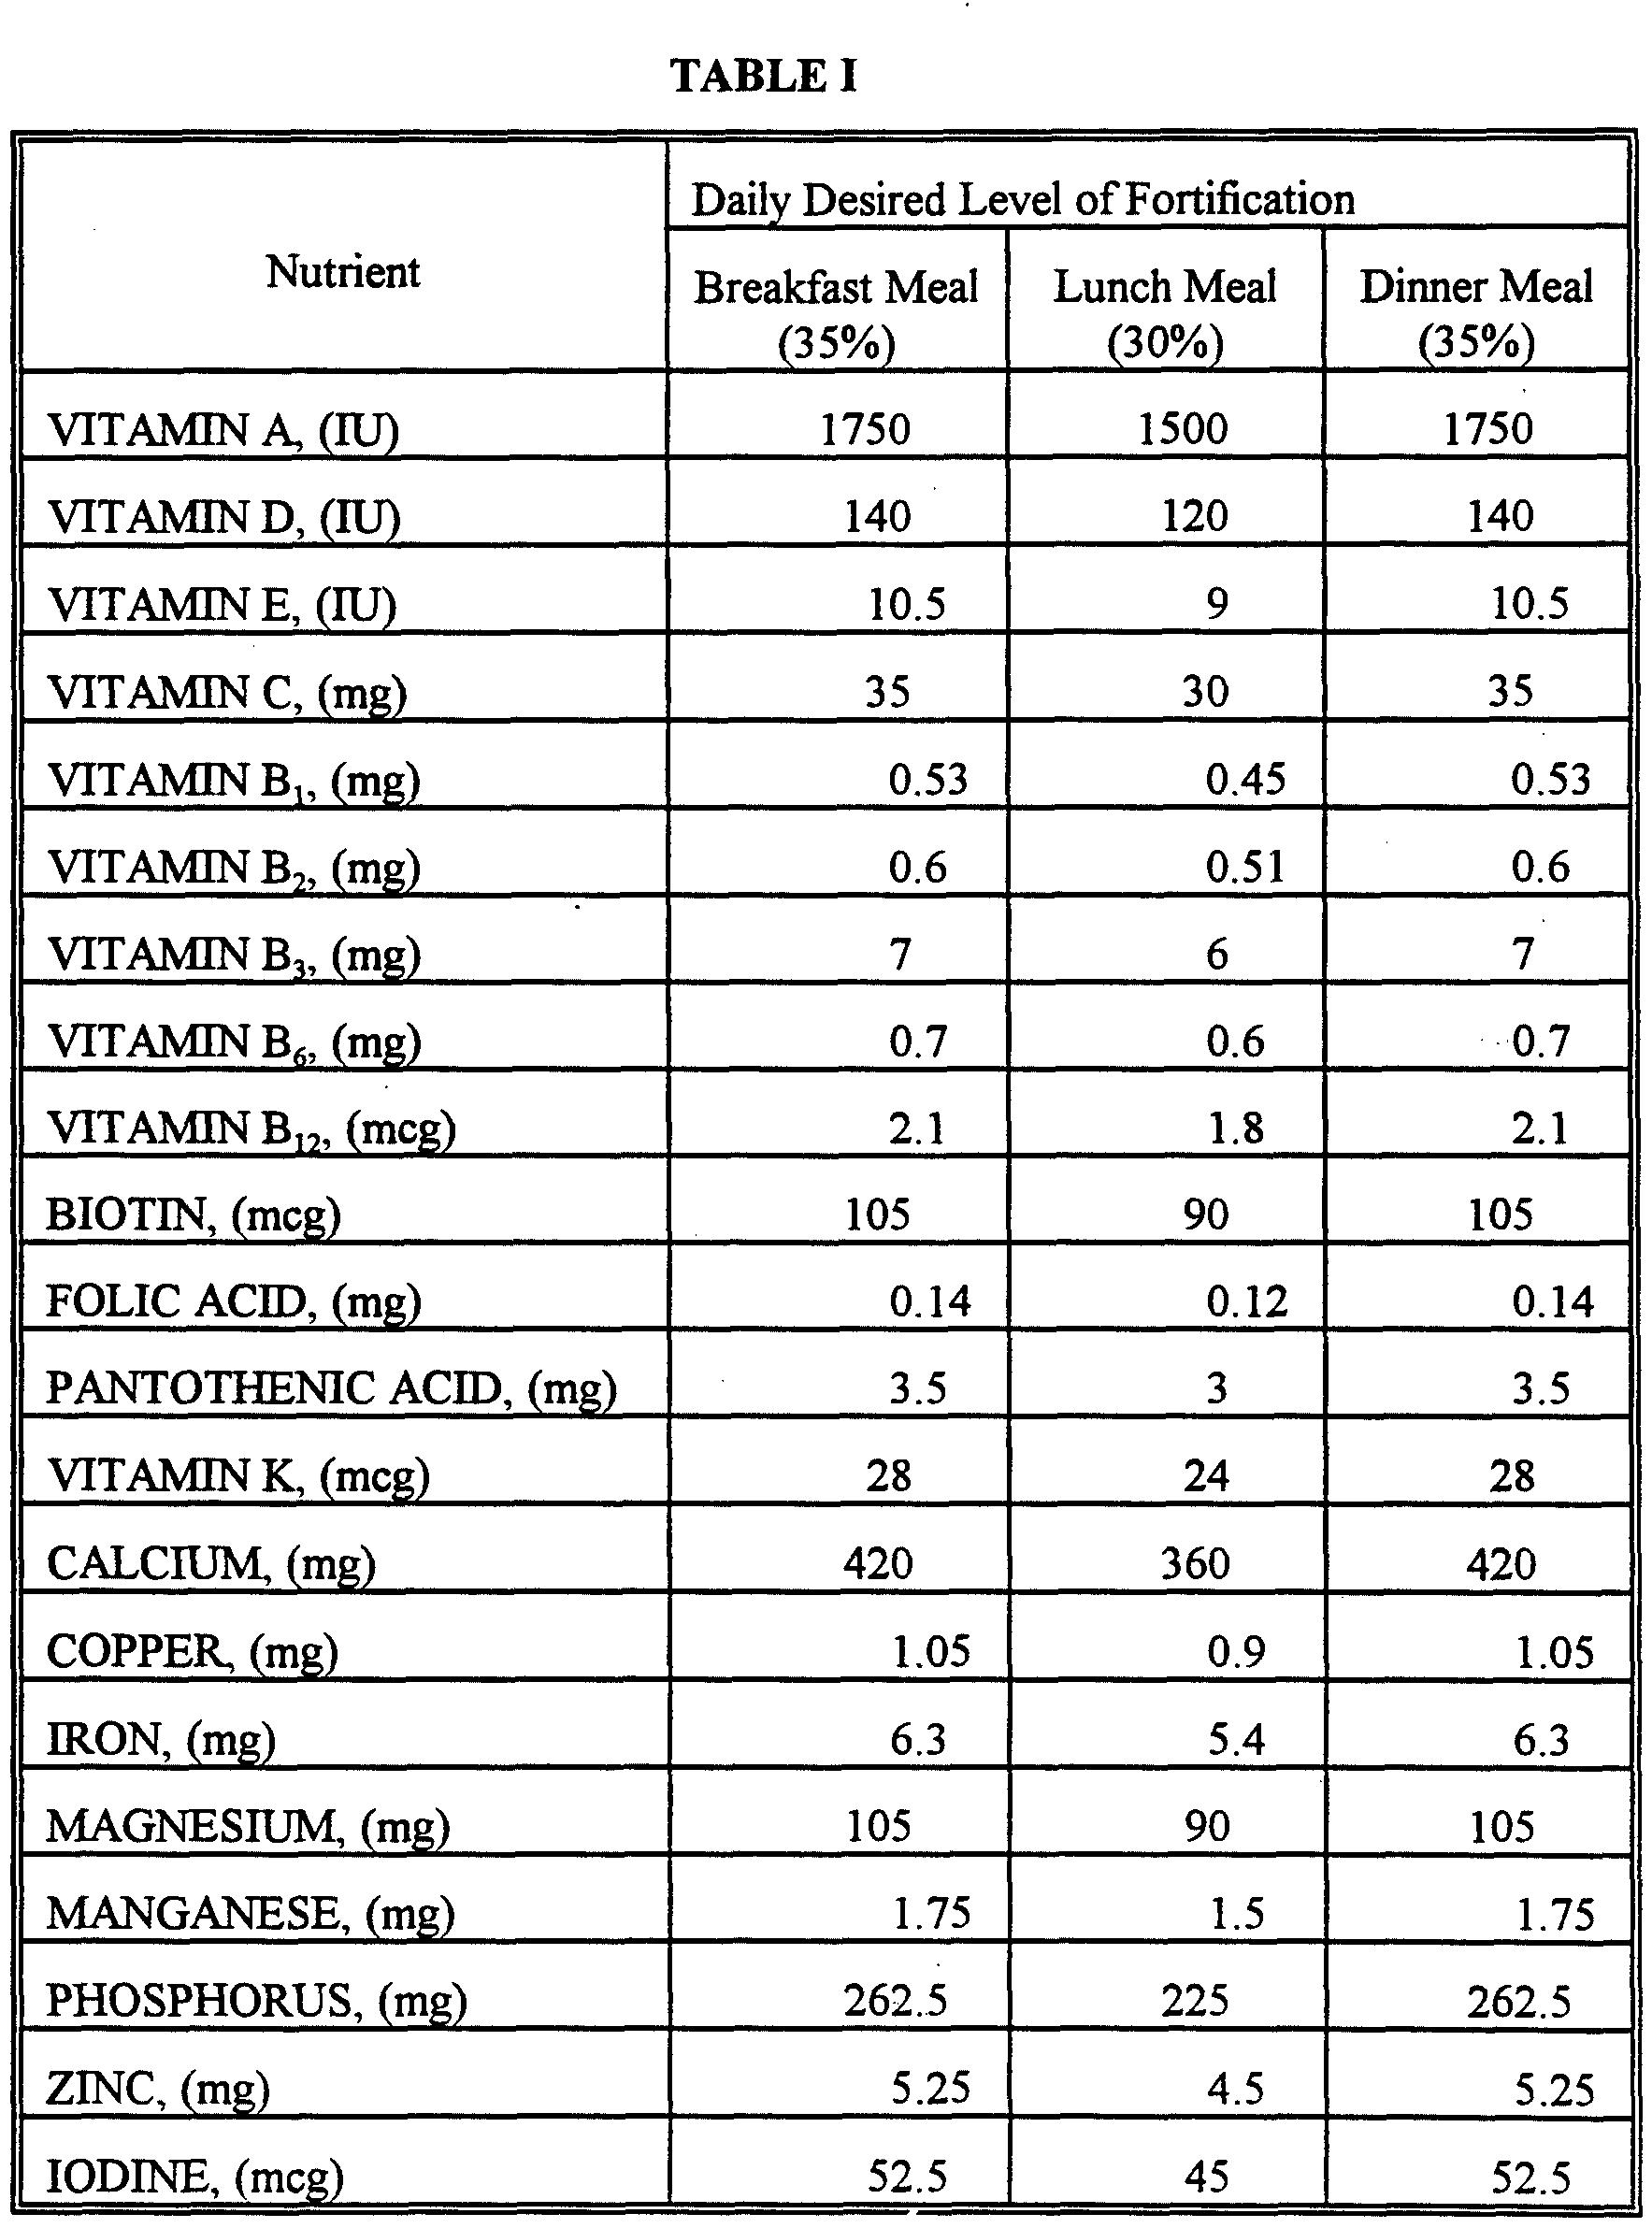 Low Cholesterol Diet Food List Printable